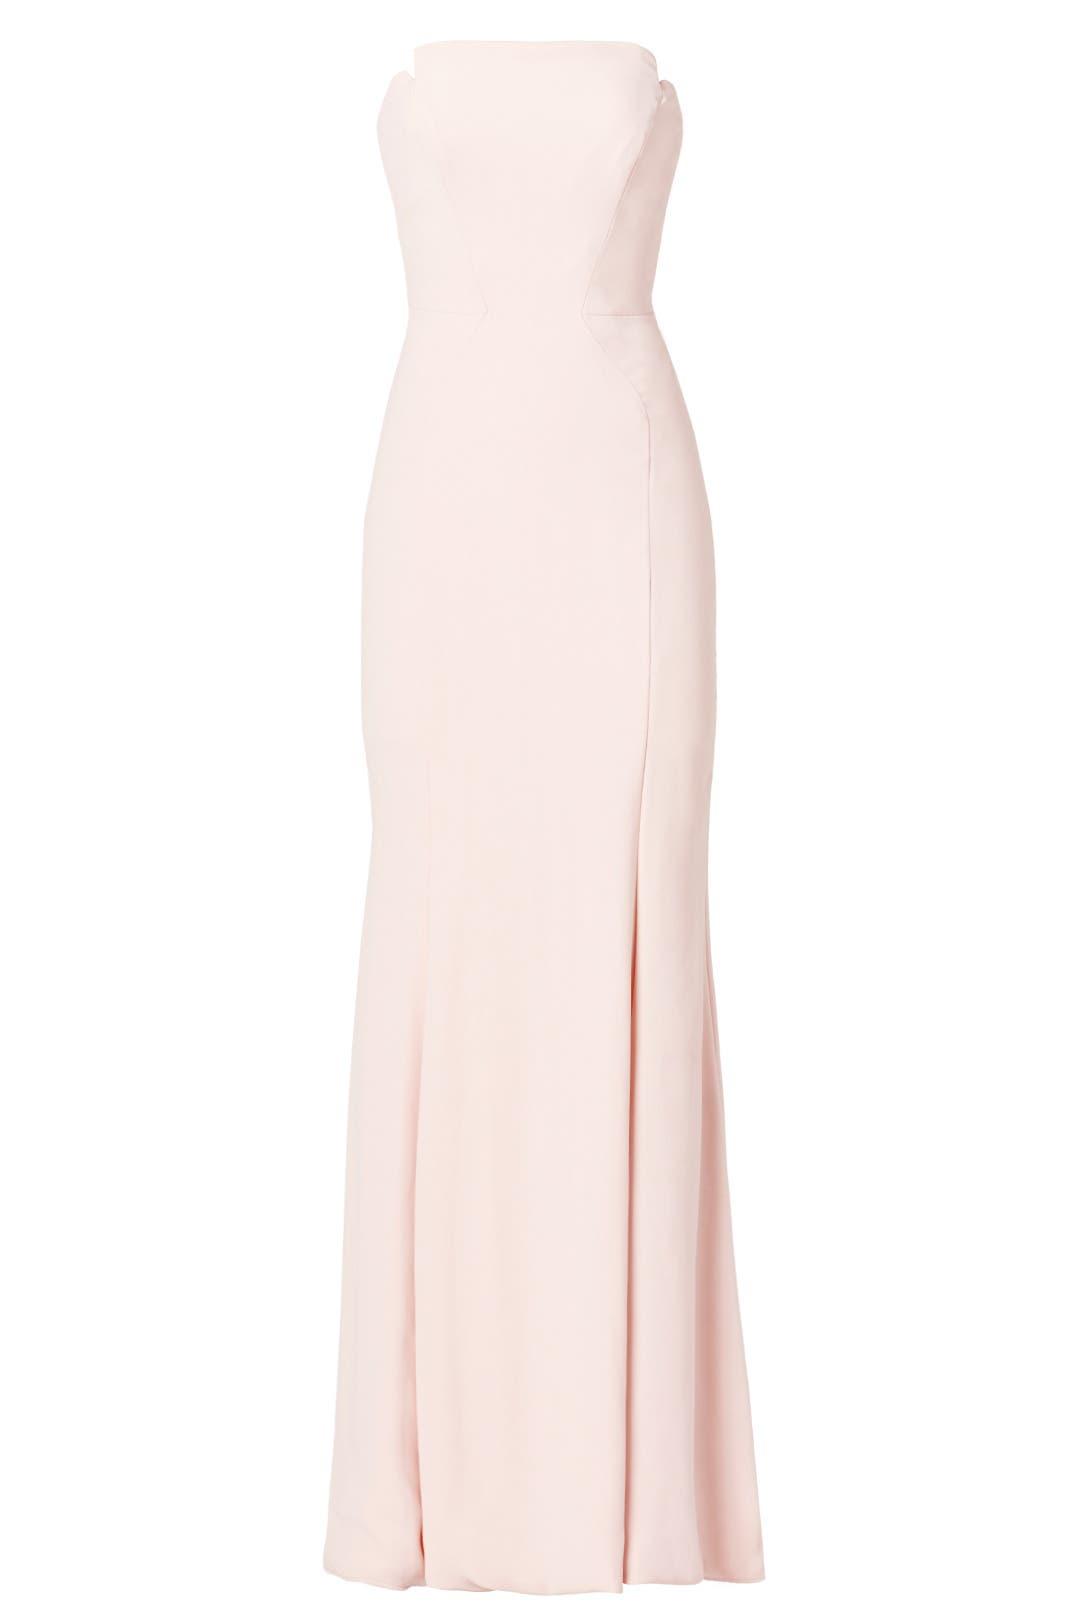 Blush Academy Gown by Jill Jill Stuart for $100 | Rent the Runway